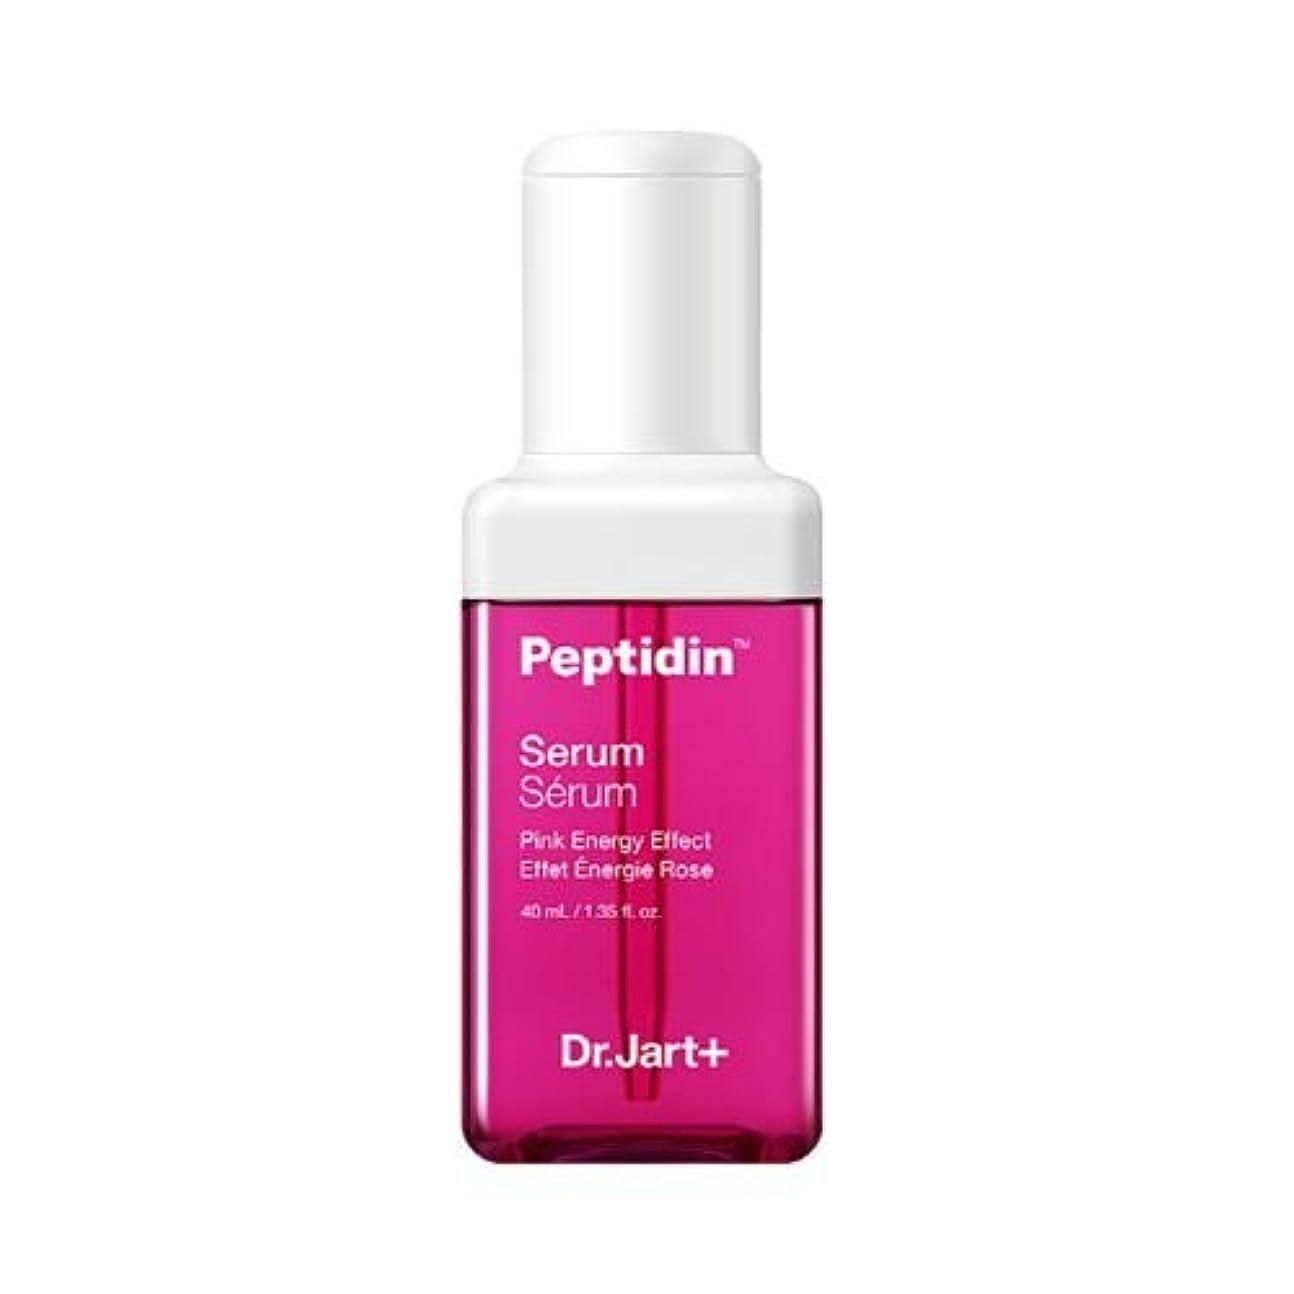 診療所ダーベビルのテス無人[DR Jart] Peptidin serum Pink Energy effect ドクタージャルトペプチドディーン セラムピンクエネルギー 40ml[海外直送品] [並行輸入品]